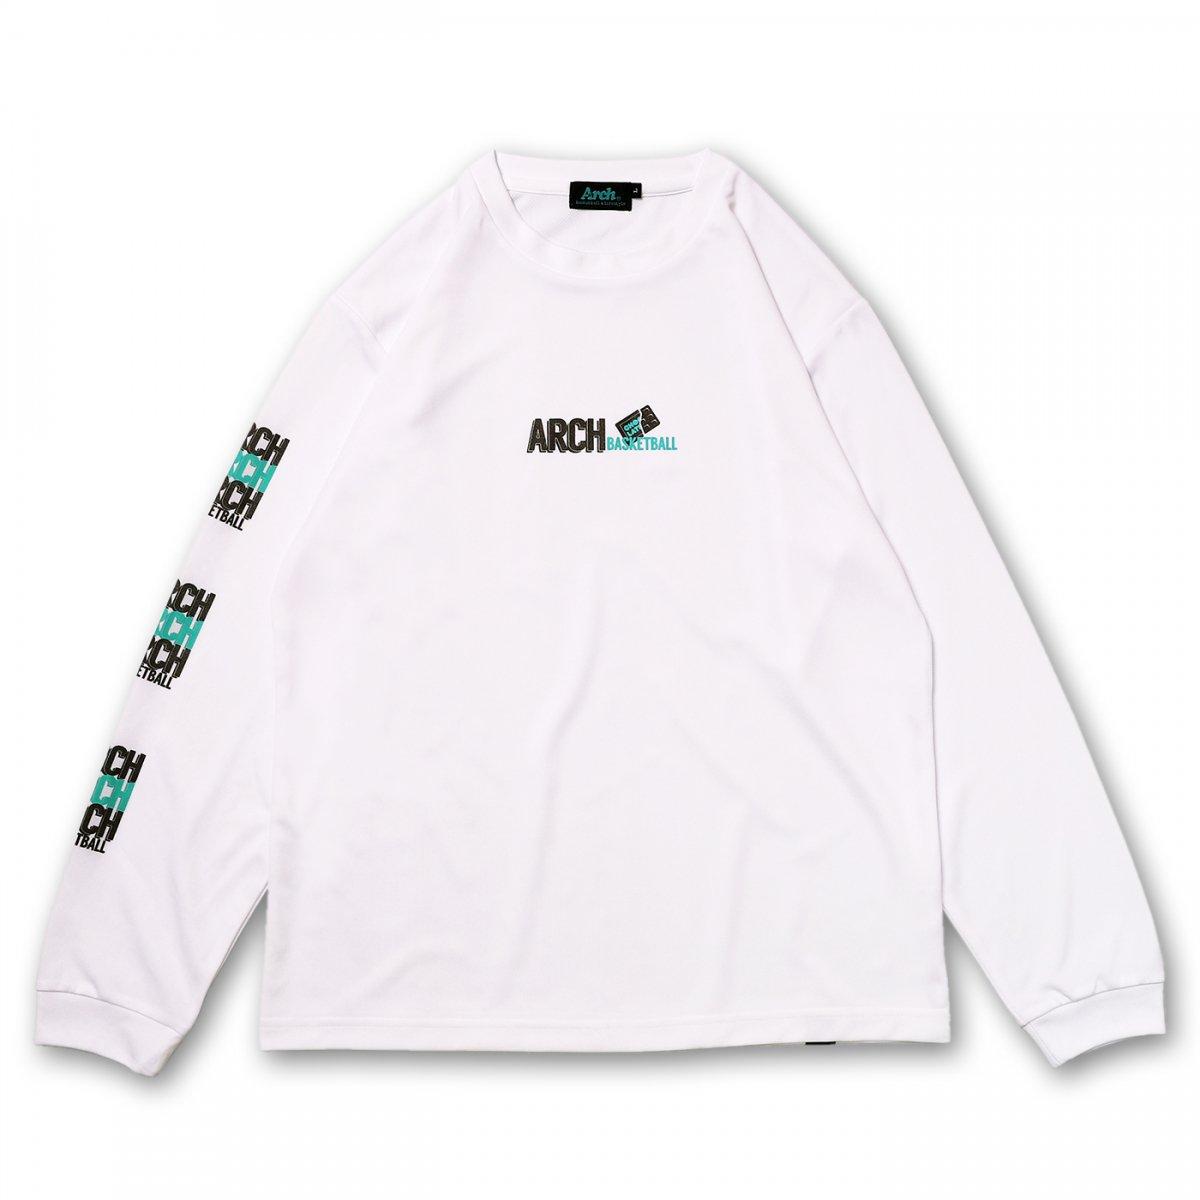 バスケ アーチ チョコボーダー L/S Tシャツ ホワイト